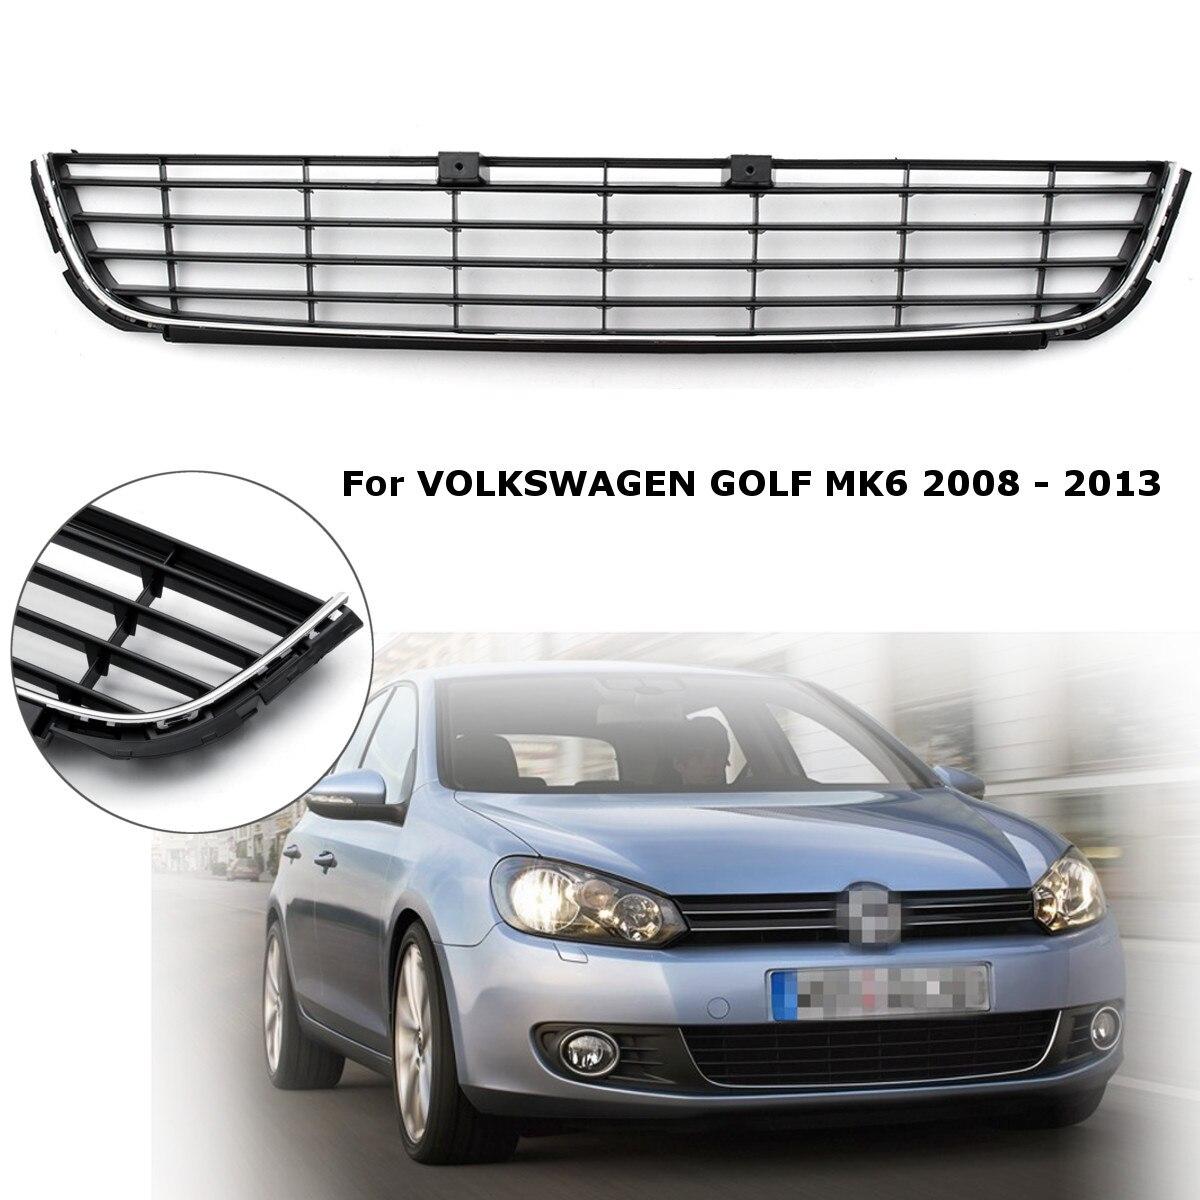 VW Polo 6R MK5 Front Lower Centre Bumper Grille Vent Panel Black Chrome Trim